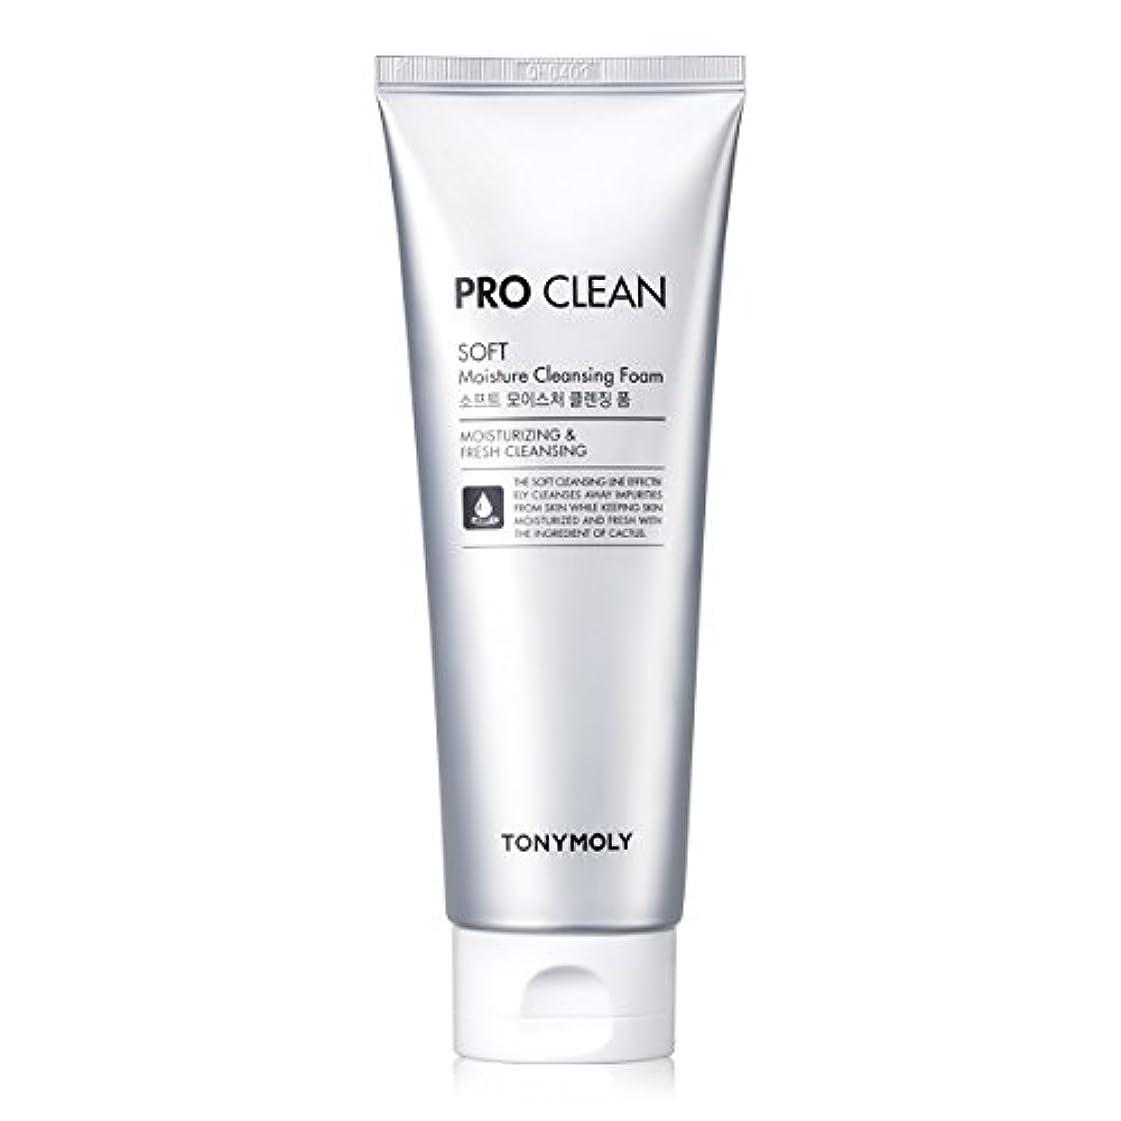 白いアレイ配管[New] TONYMOLY Pro Clean Soft Moisture Cleansing Foam 150ml/トニーモリー プロ クリーン ソフト モイスチャー クレンジングフォーム 150ml